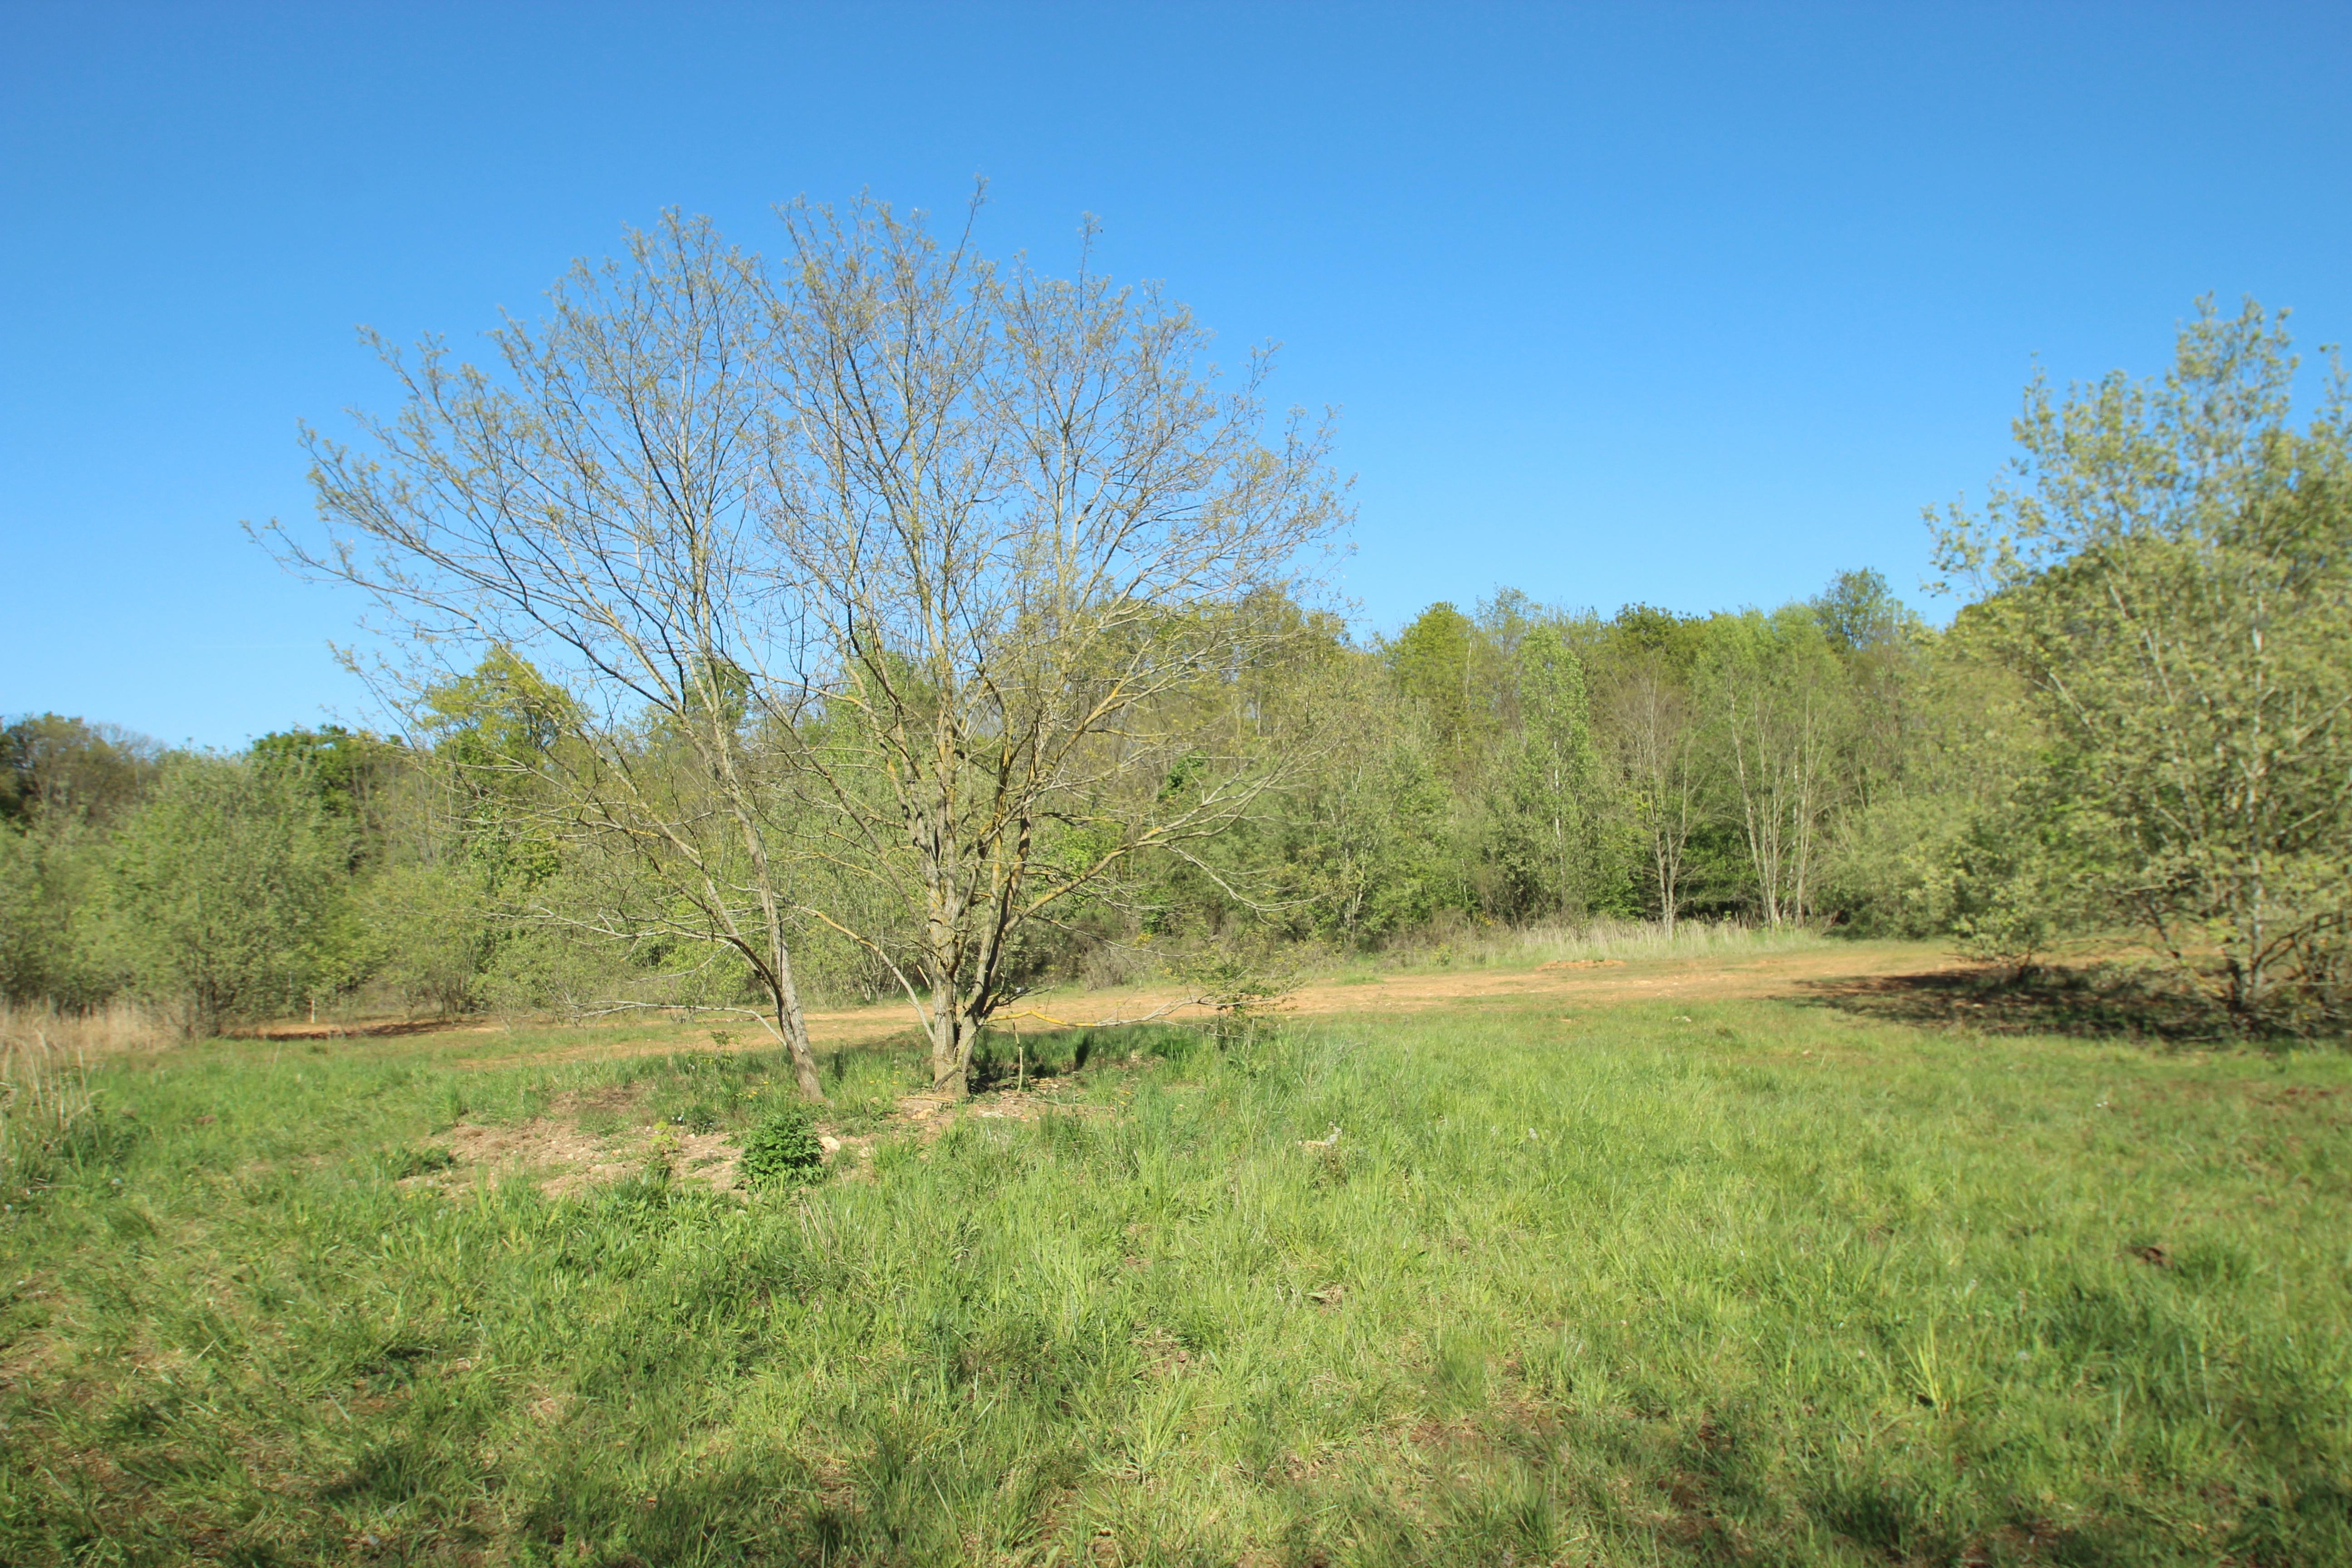 Bois De La Saulx file:sablière du bois de lunezy à saulx-les-chartreux le 4